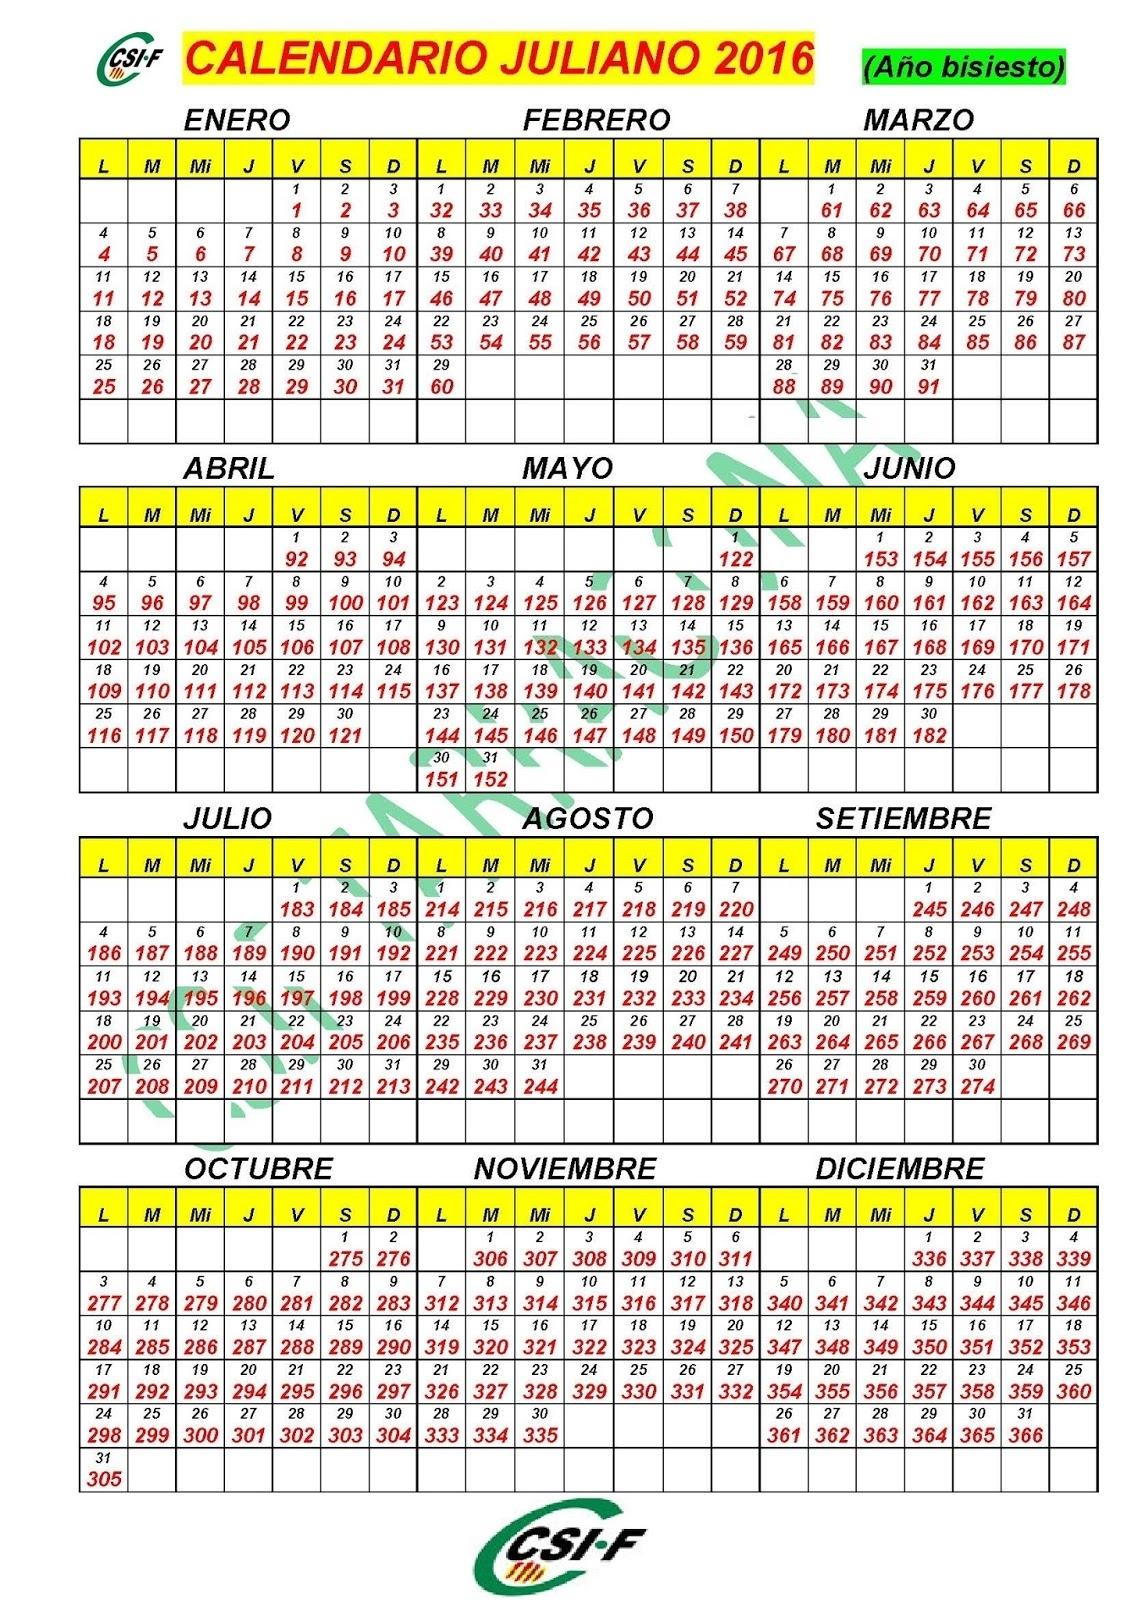 Csi-F Correos Tarragona: Calendario Juliano 2016